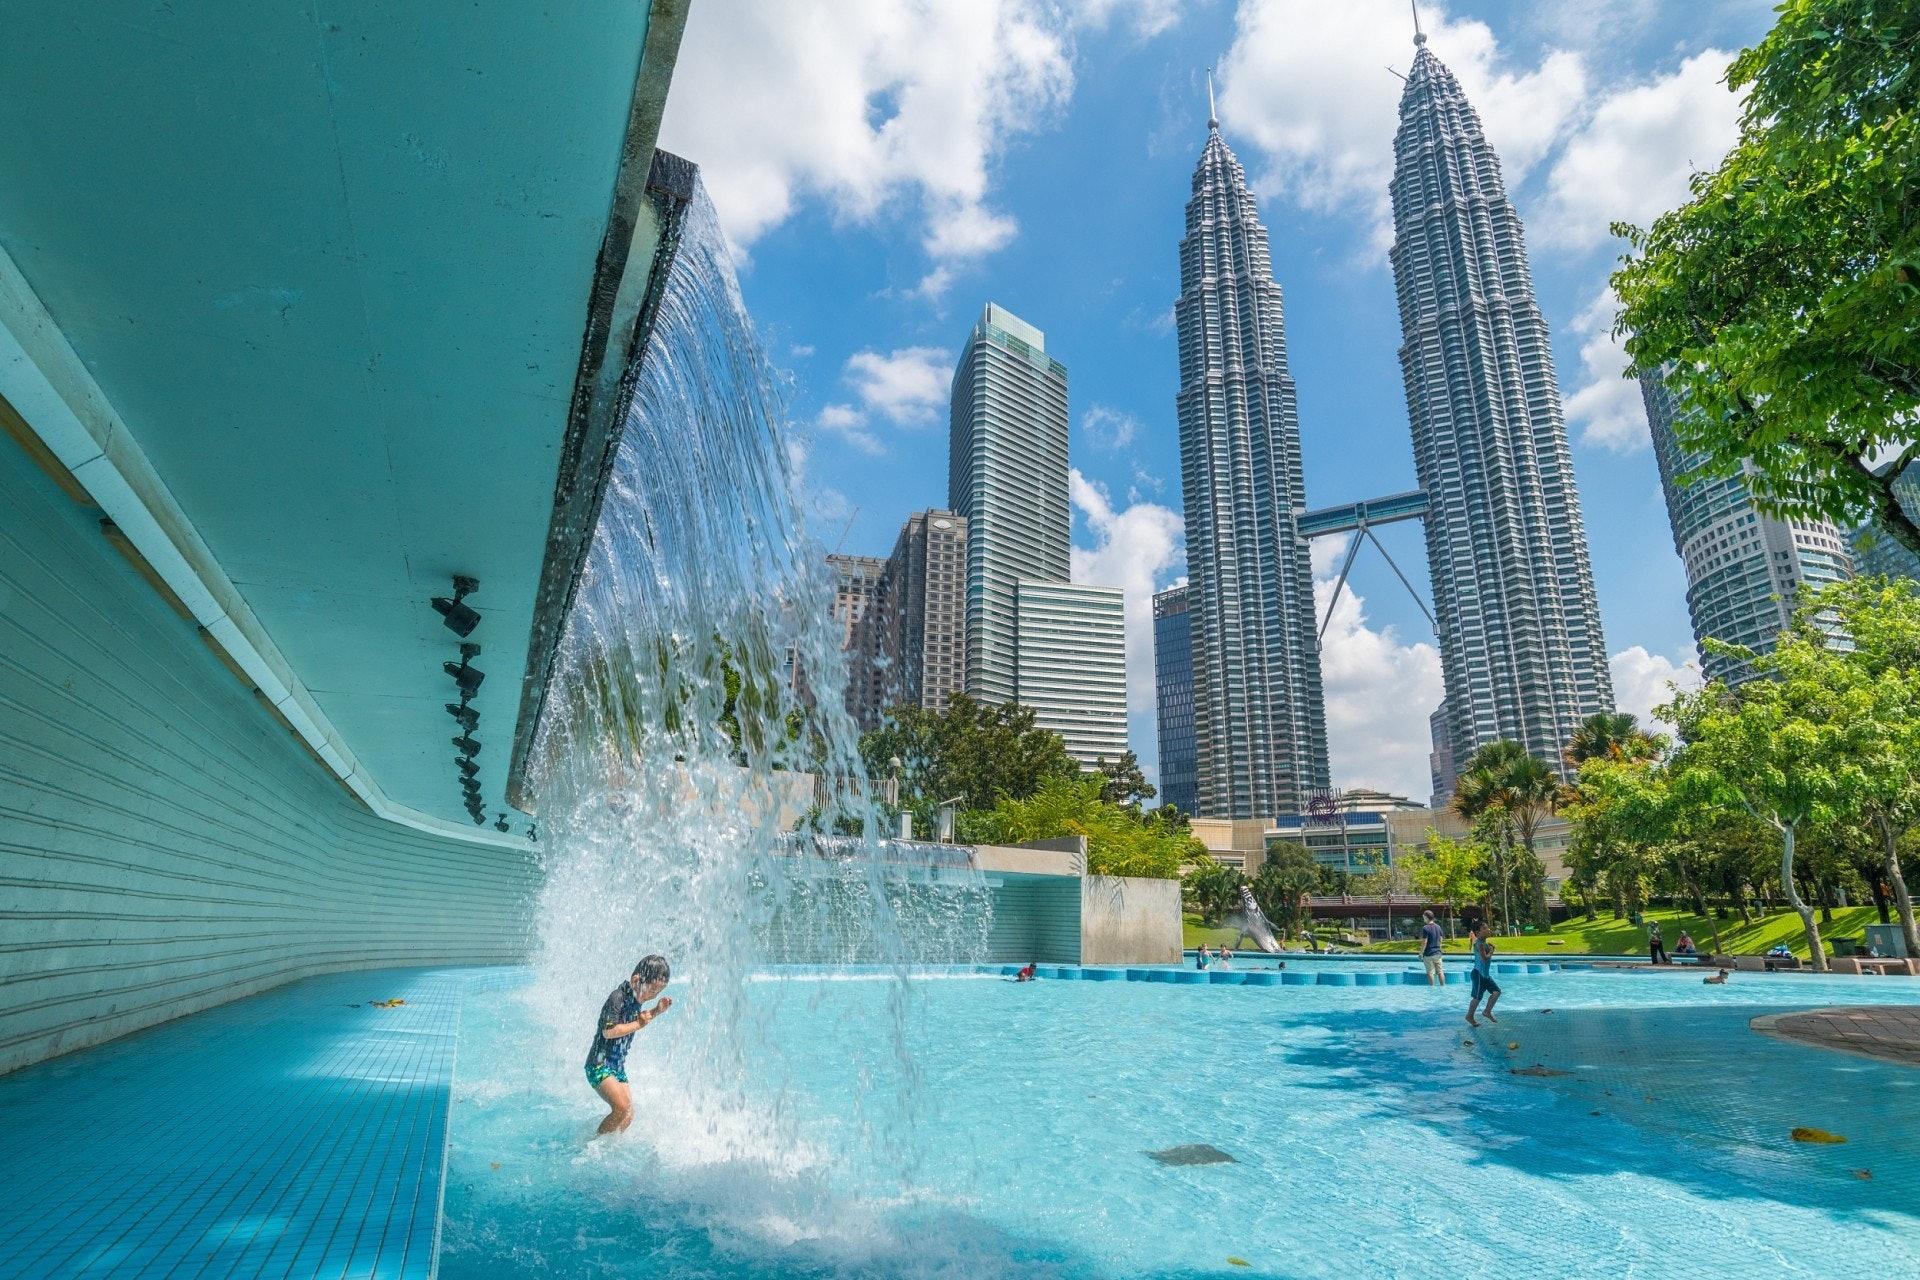 馬來西亞離香港近,氣候溫和,政治穩定,物價指數比香港低出不少,移居門檻較英美澳加等低,會成為打工仔的考慮嗎?(Getty/VCG)